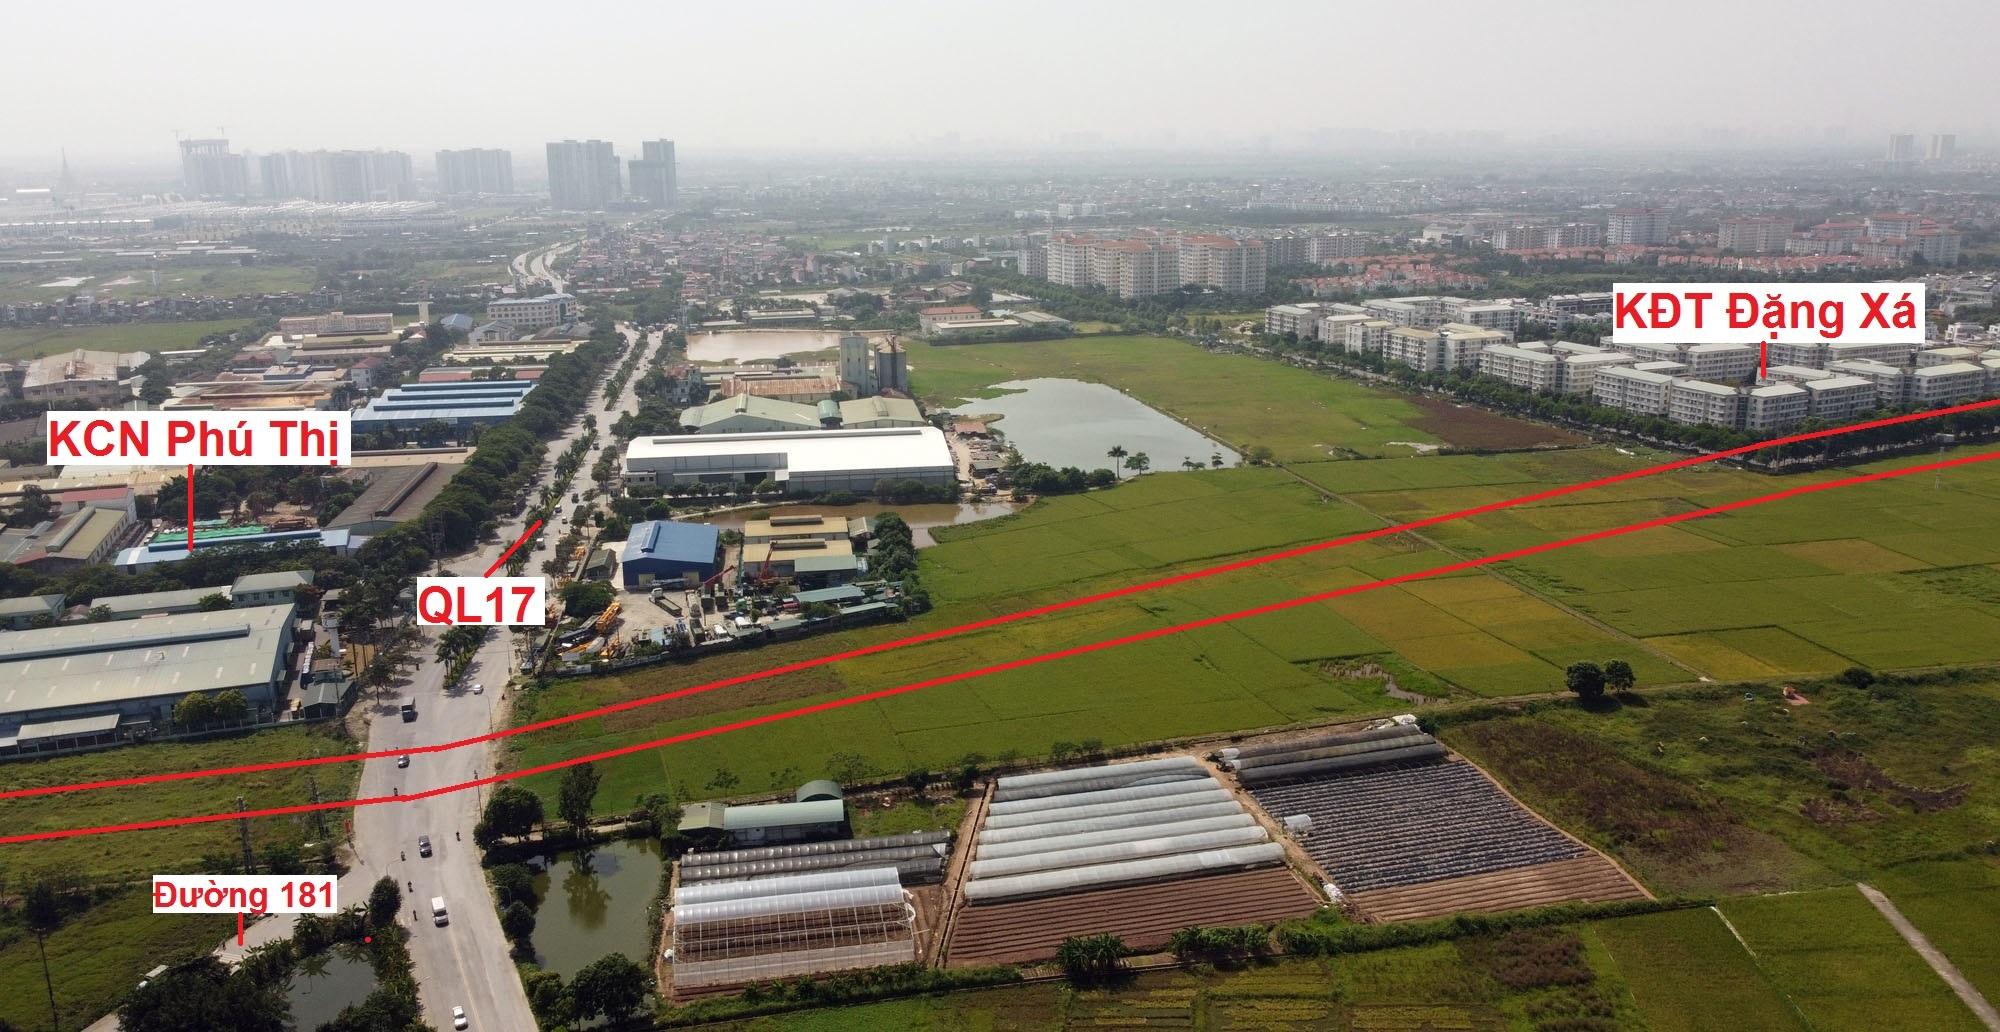 đường sẽ mở theo qui hoạch ở xã Phú Thị, Gia Lâm, Hà Nội - Ảnh 5.